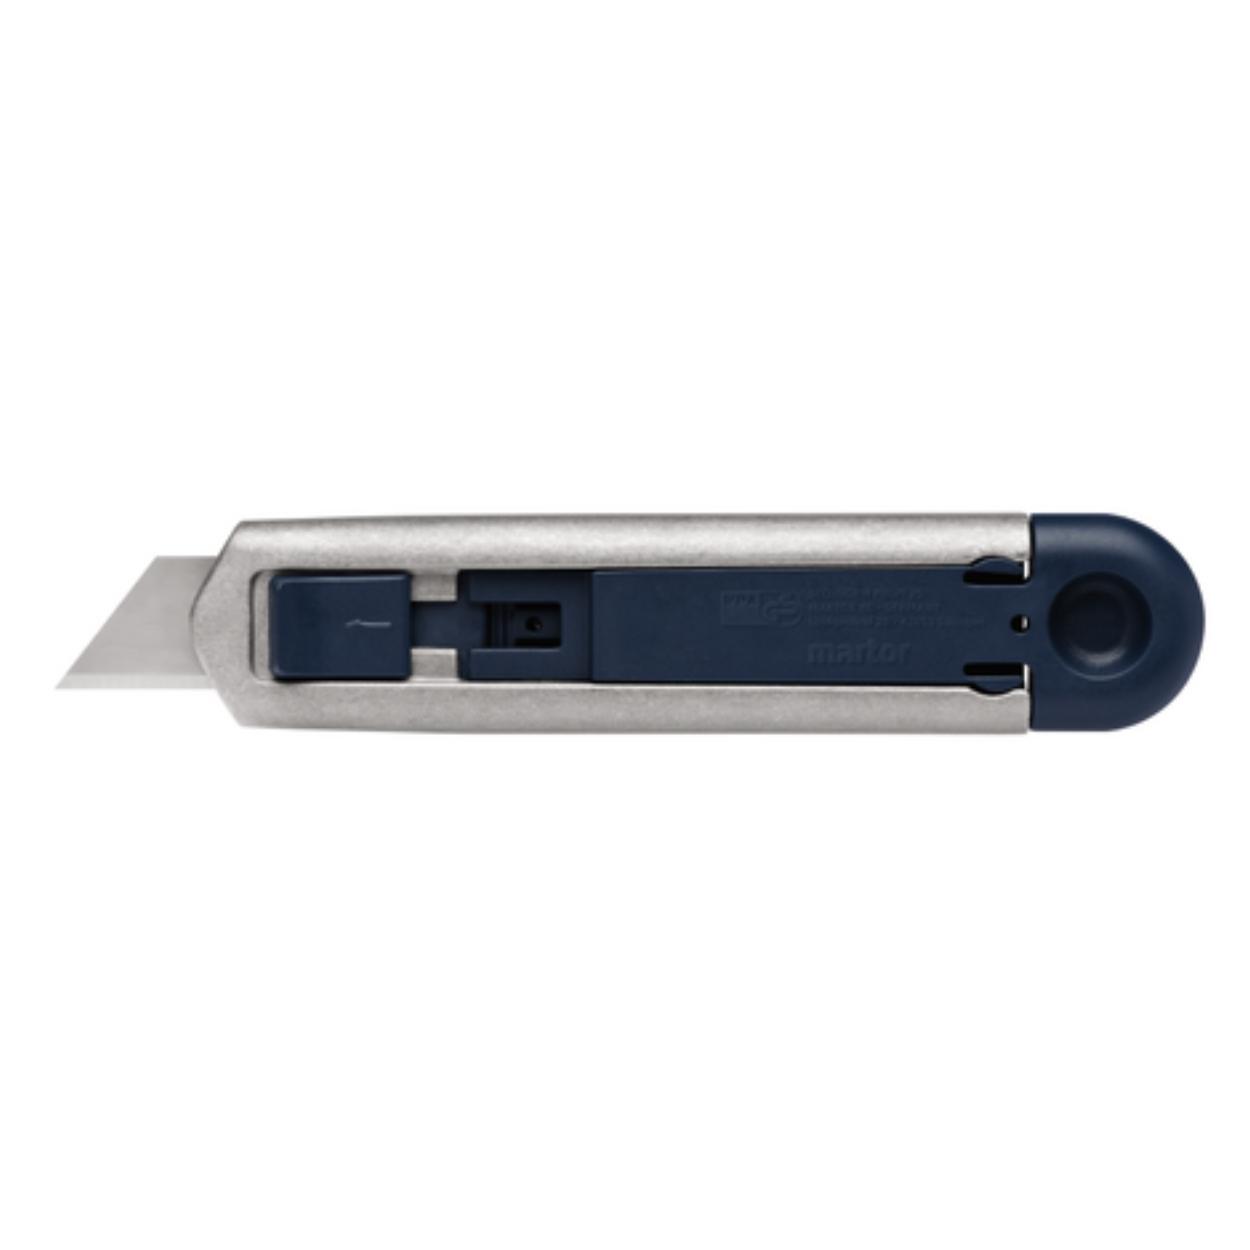 SECUNORM PROFI25 - Detekovateľný bezpečnostný nôž